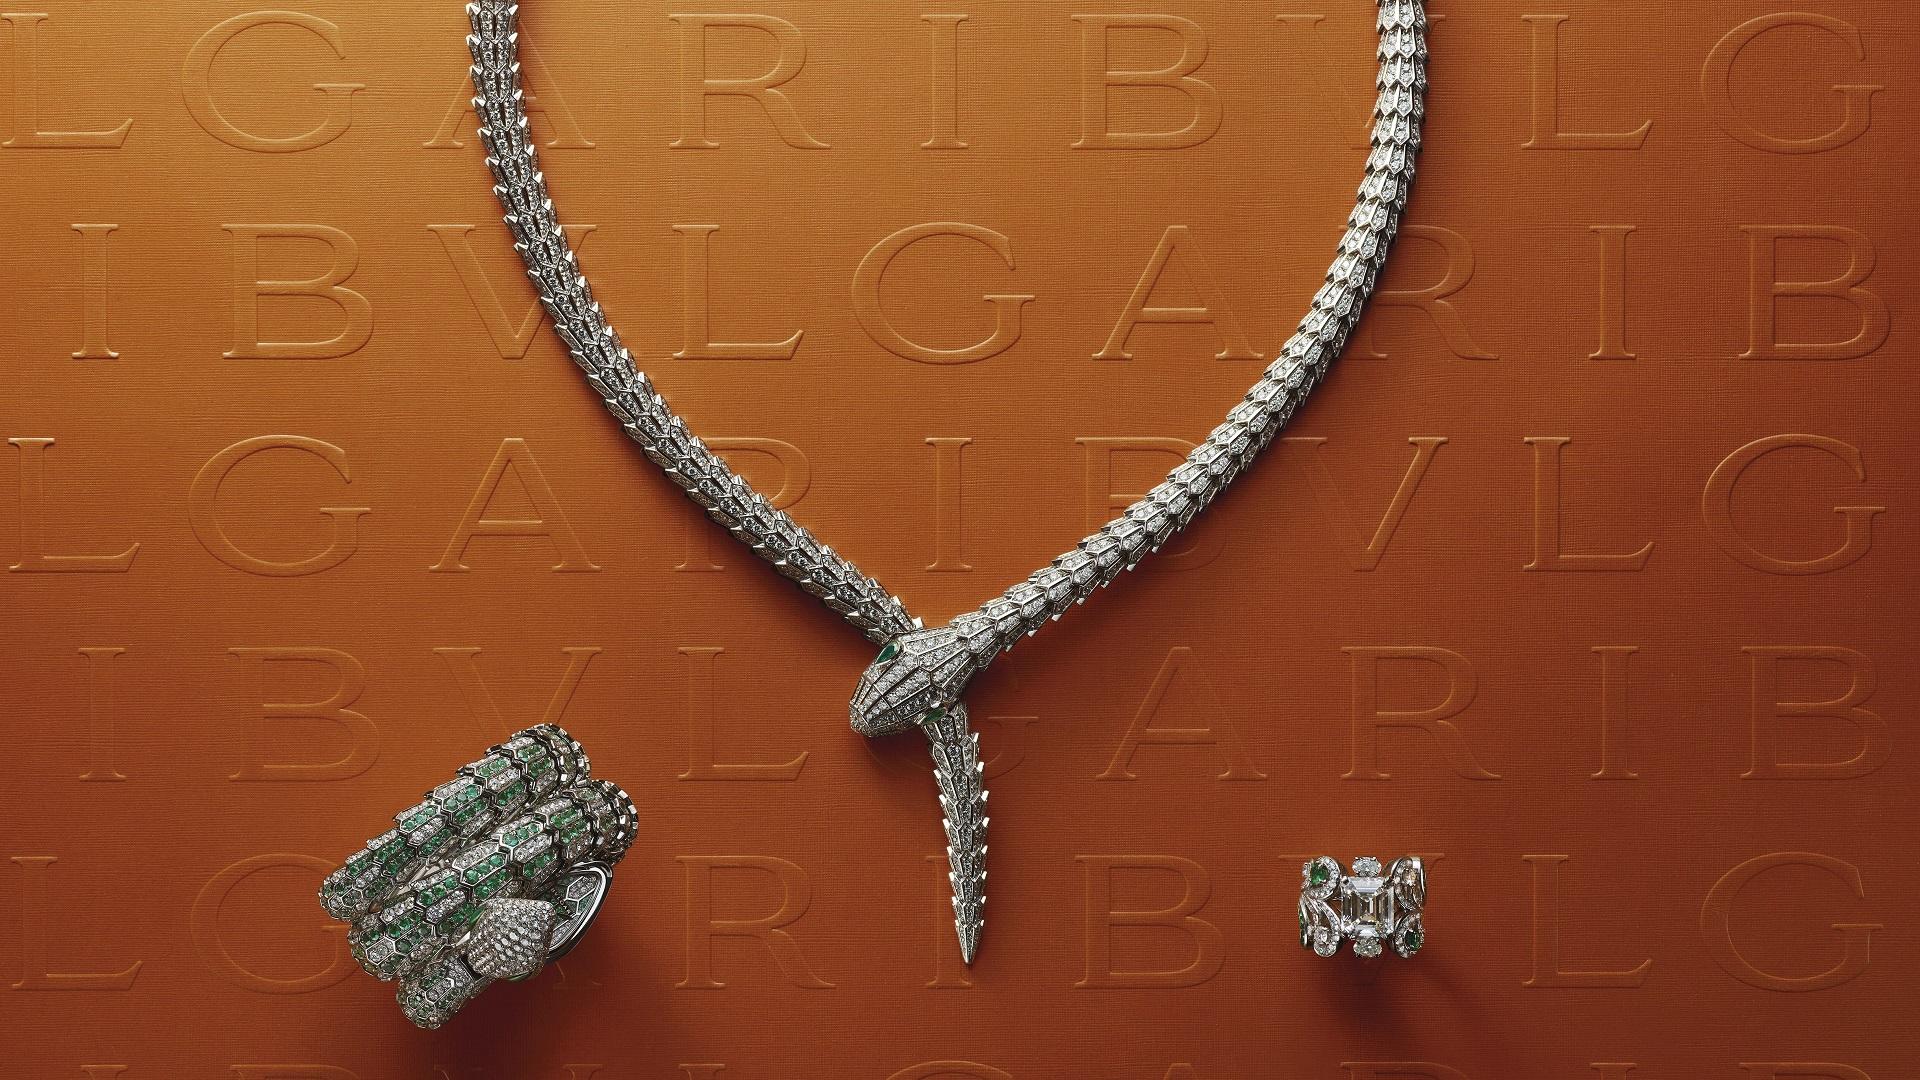 Barocko la nueva colección de joyería de Bvlgari